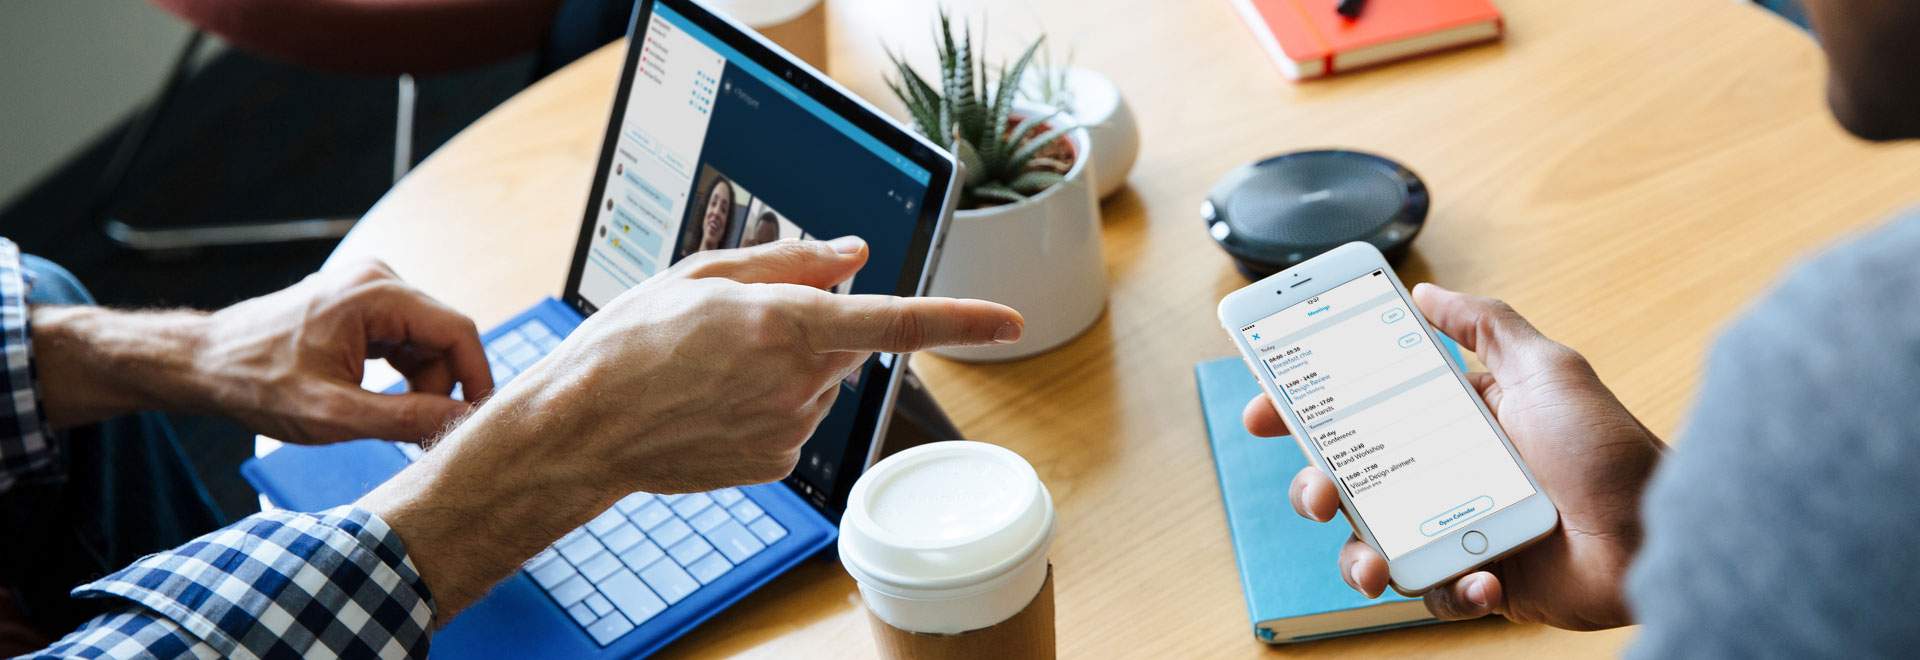 Dvaja ľudia za stolom, jeden stelefónom ajeden sprenosným počítačom, používajú Skype for Business